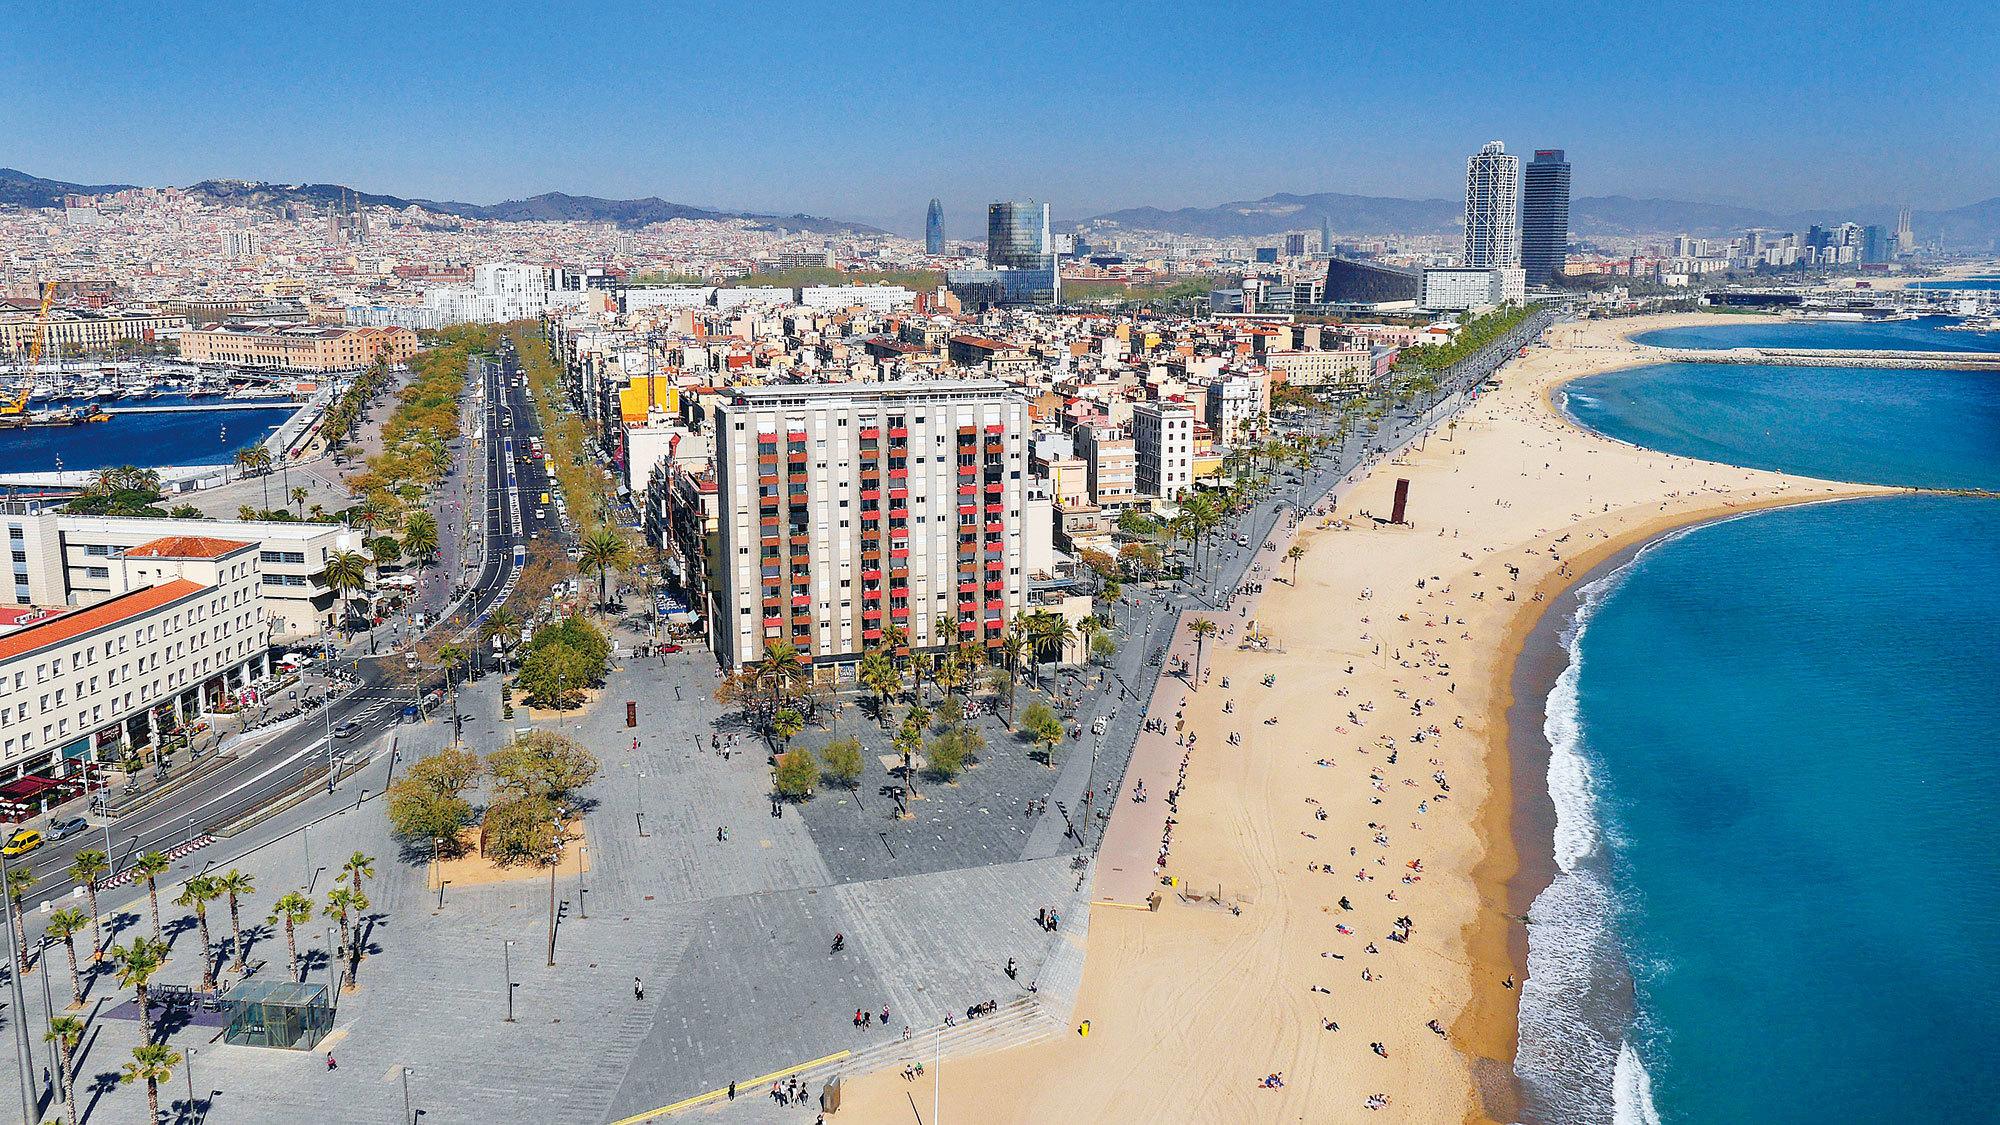 歐洲遊玩勝地之去西班牙曬太陽